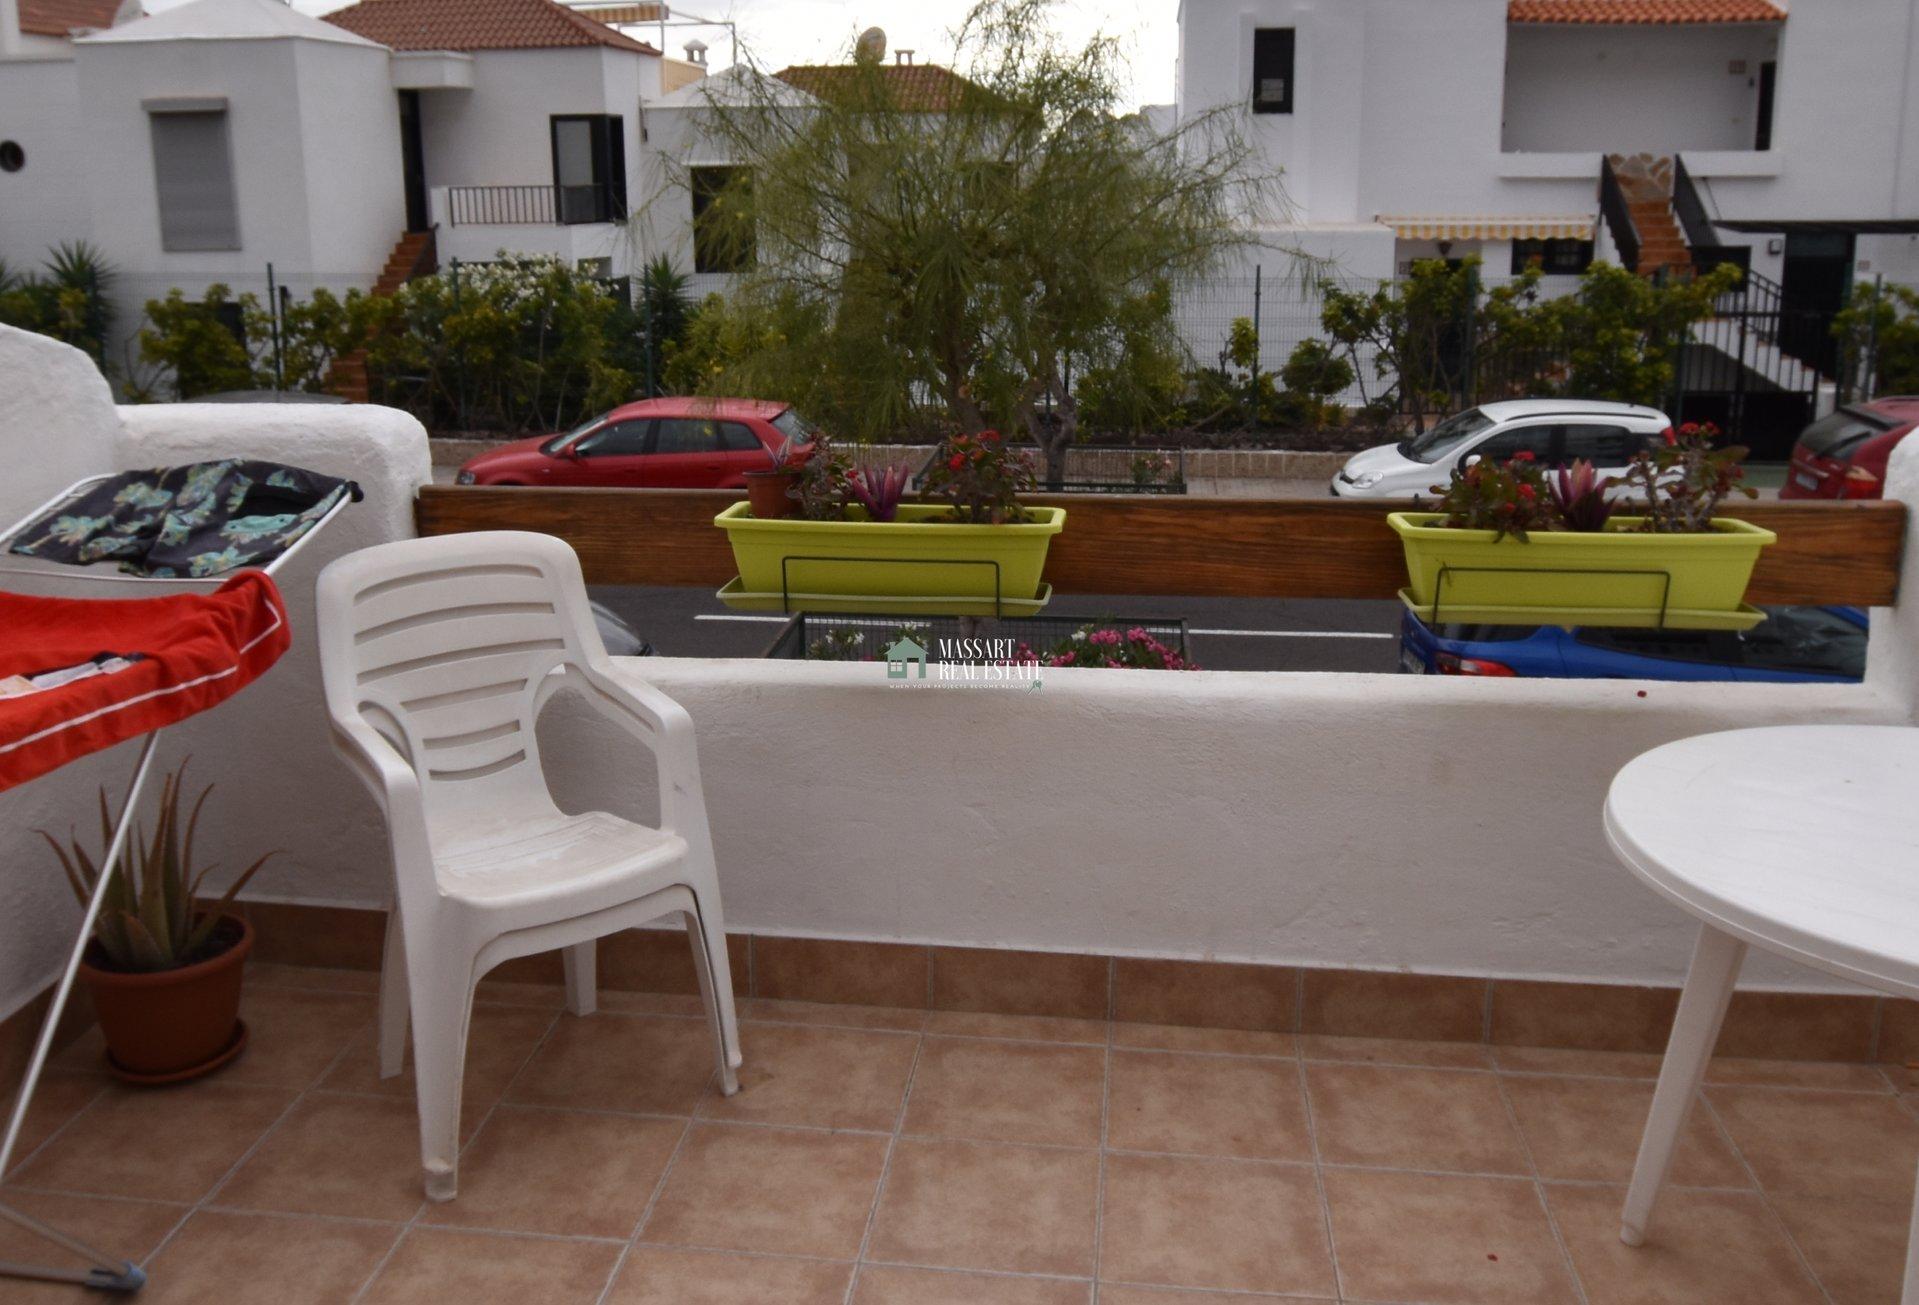 Acogedor estudio completamente amueblado ubicado en Los Cristianos, en el complejo residencial Port Royale.